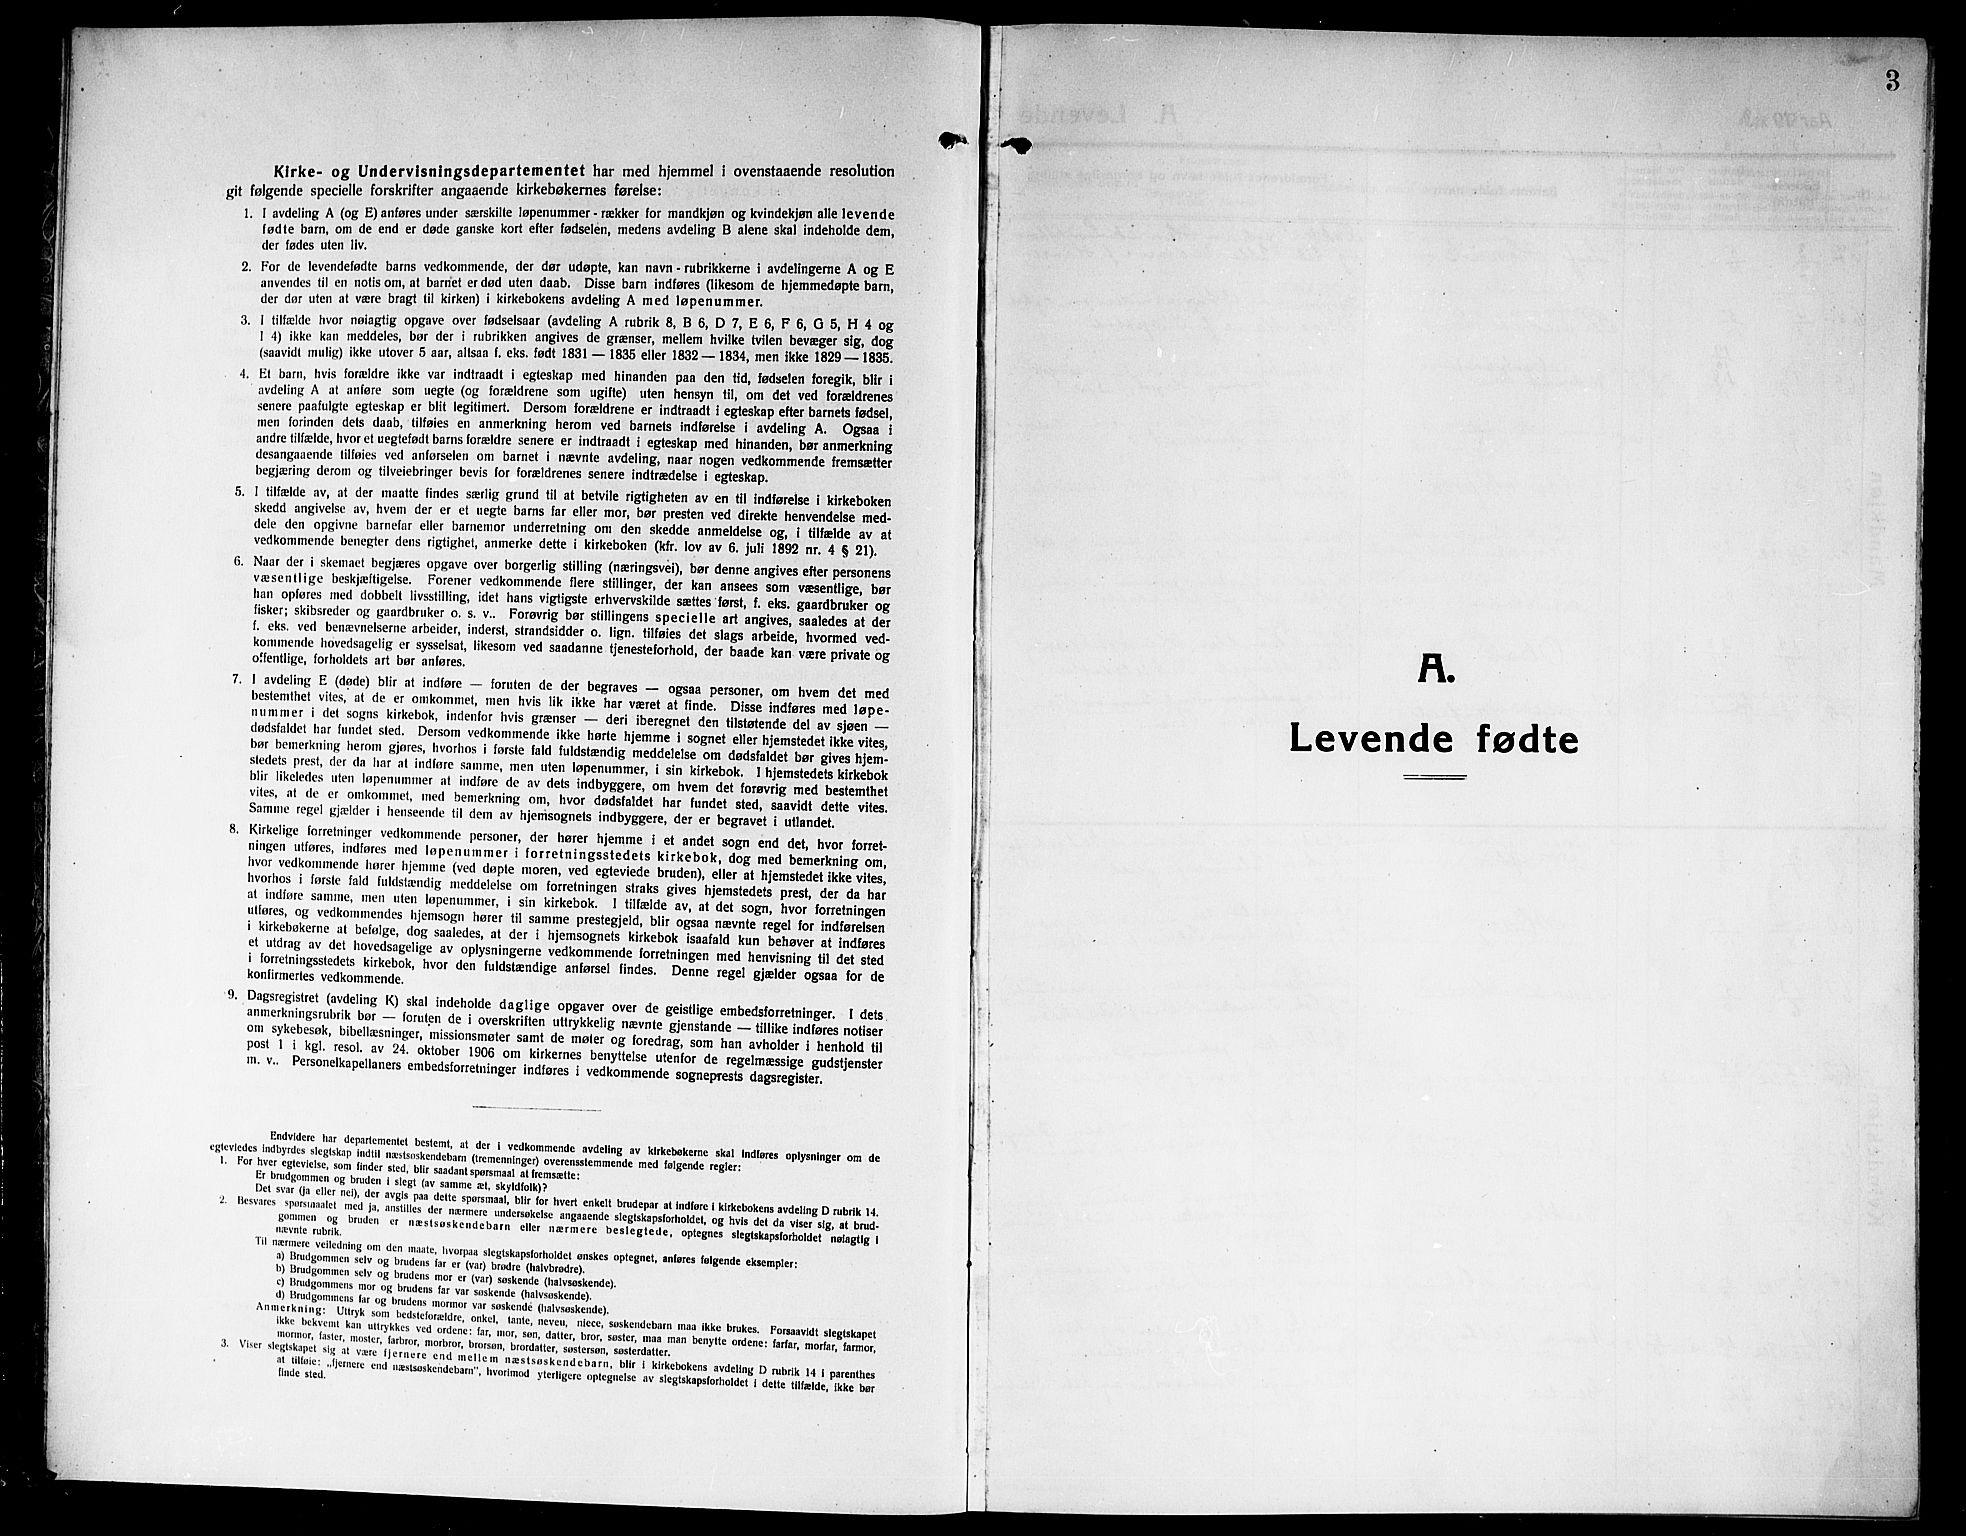 SAKO, Rjukan kirkebøker, G/Ga/L0002: Klokkerbok nr. 2, 1913-1920, s. 3